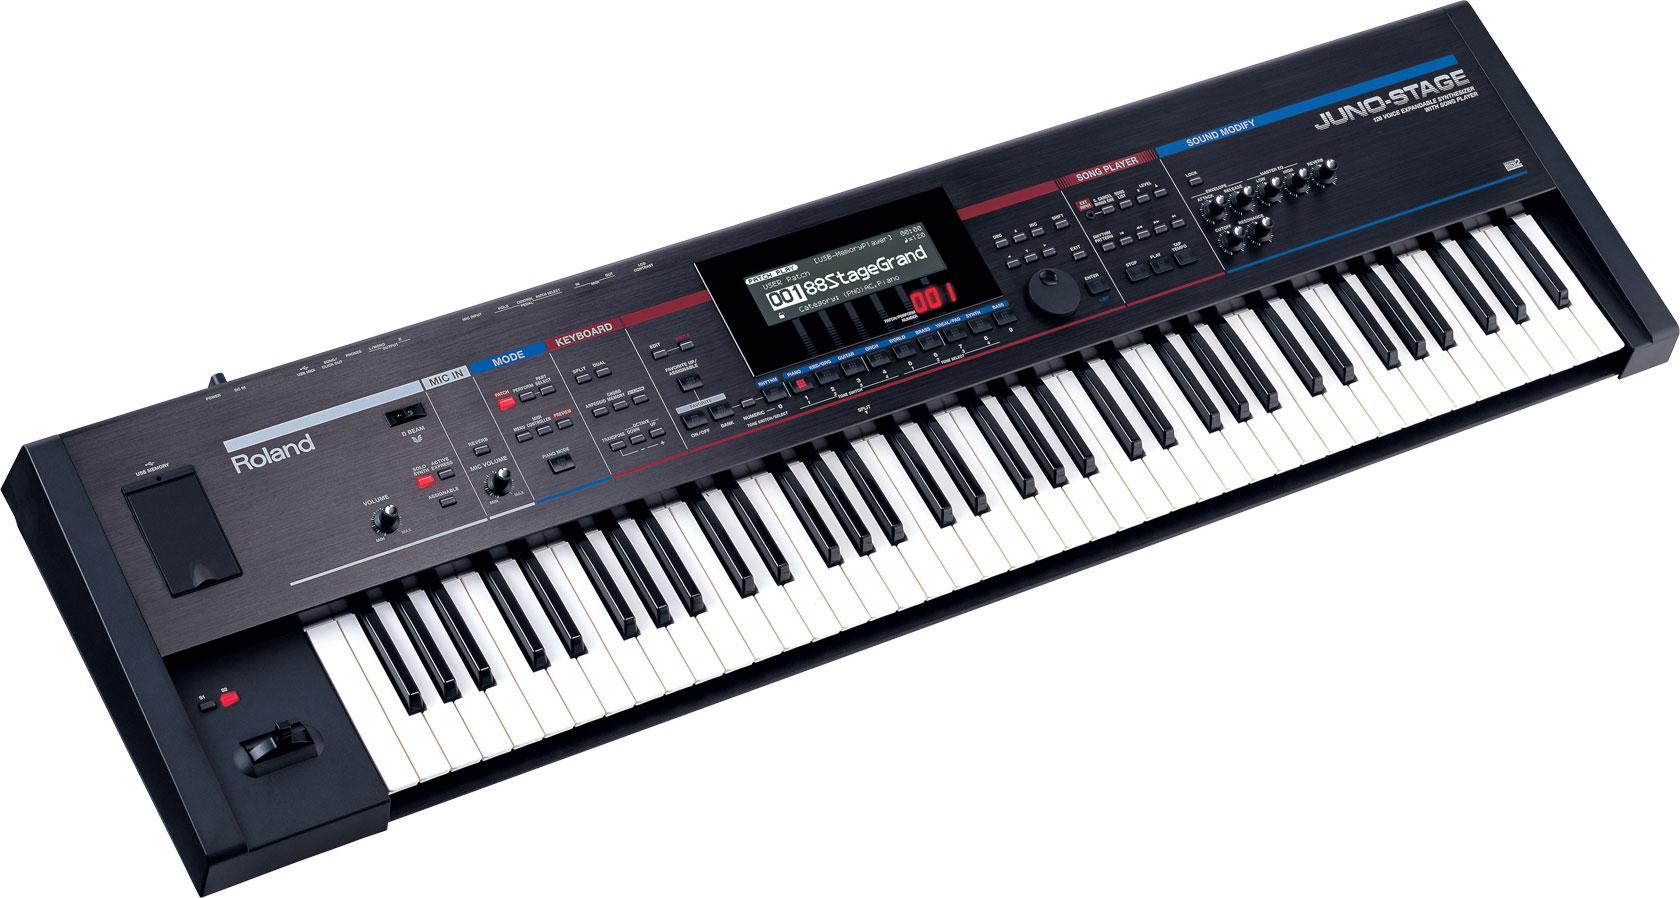 JUNO-STAGE Roland Juno Keyboards